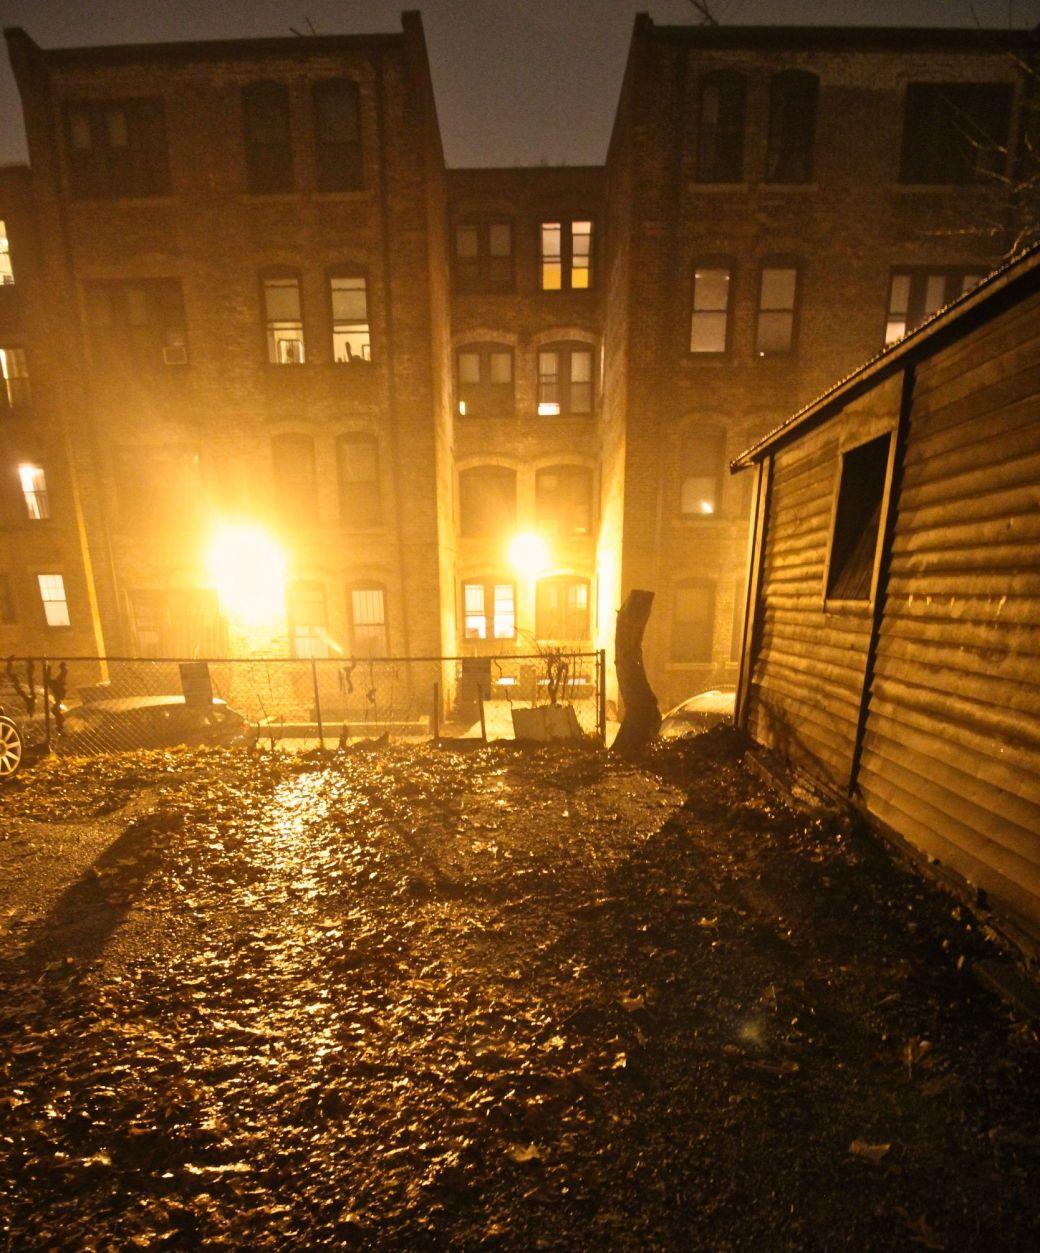 boston allston kelton street rain night 6